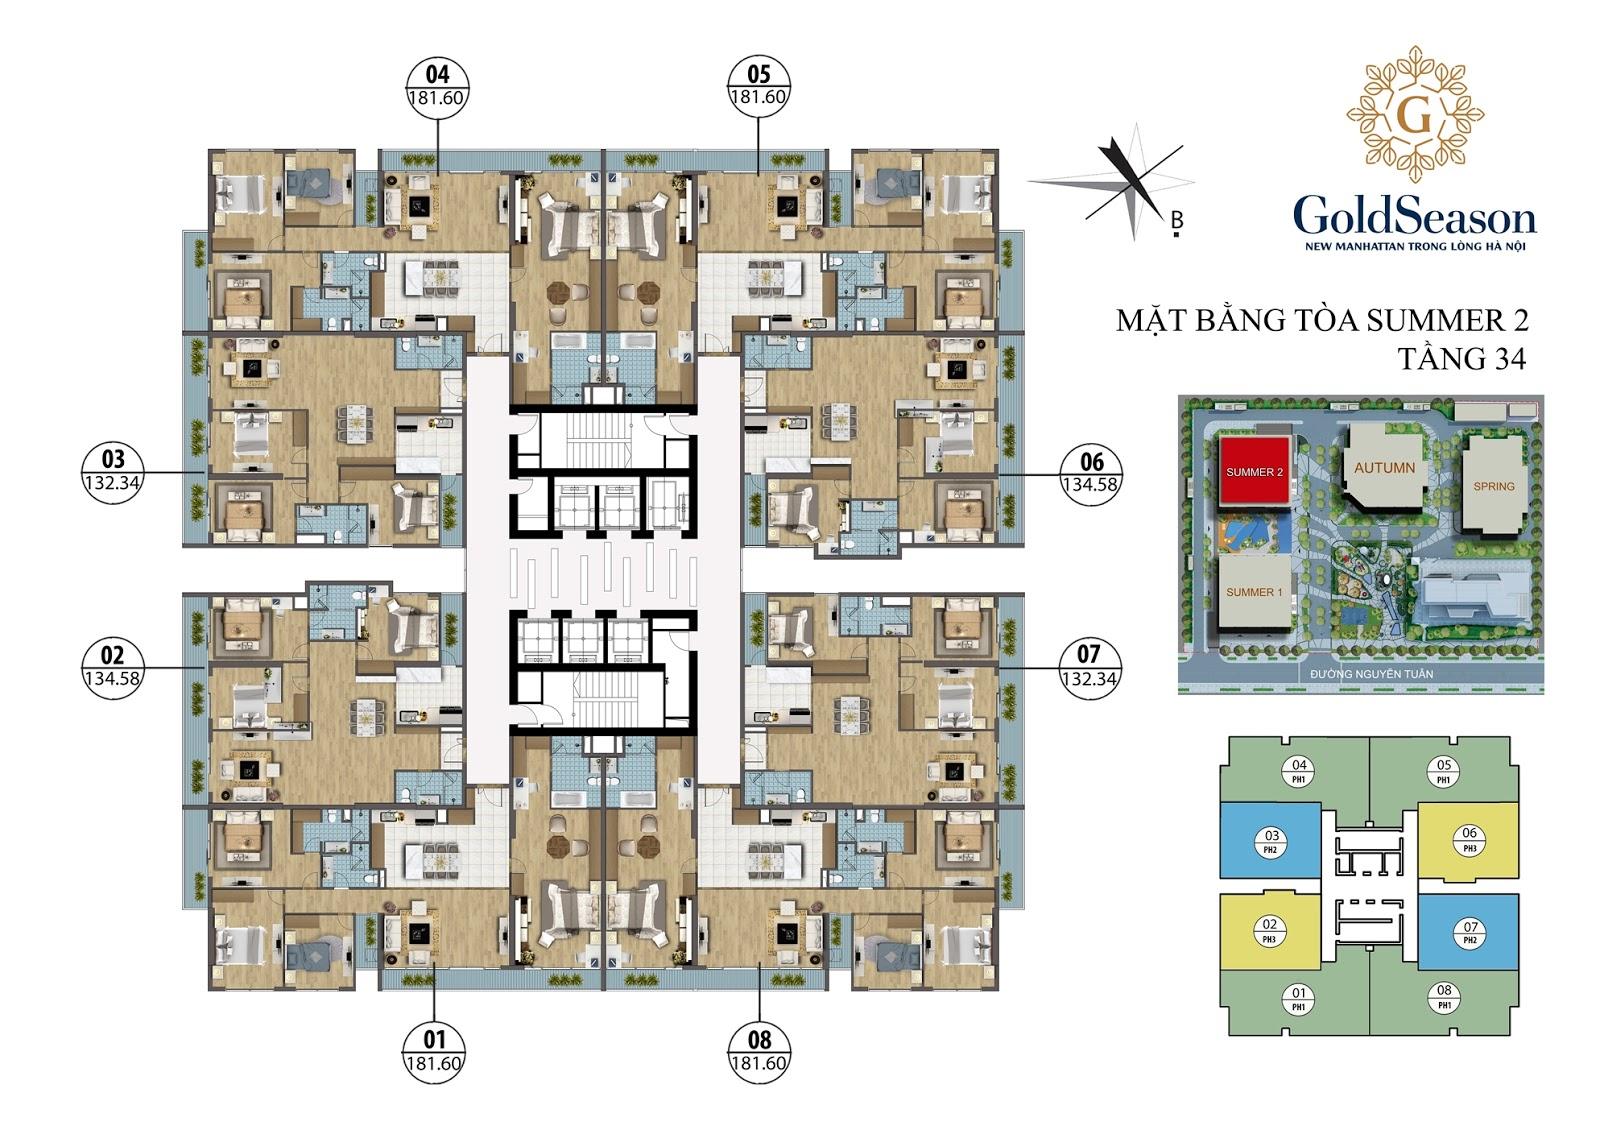 Mặt bằng điển hình căn hộ PenHouse tòa Summer 2 - GoldSeason